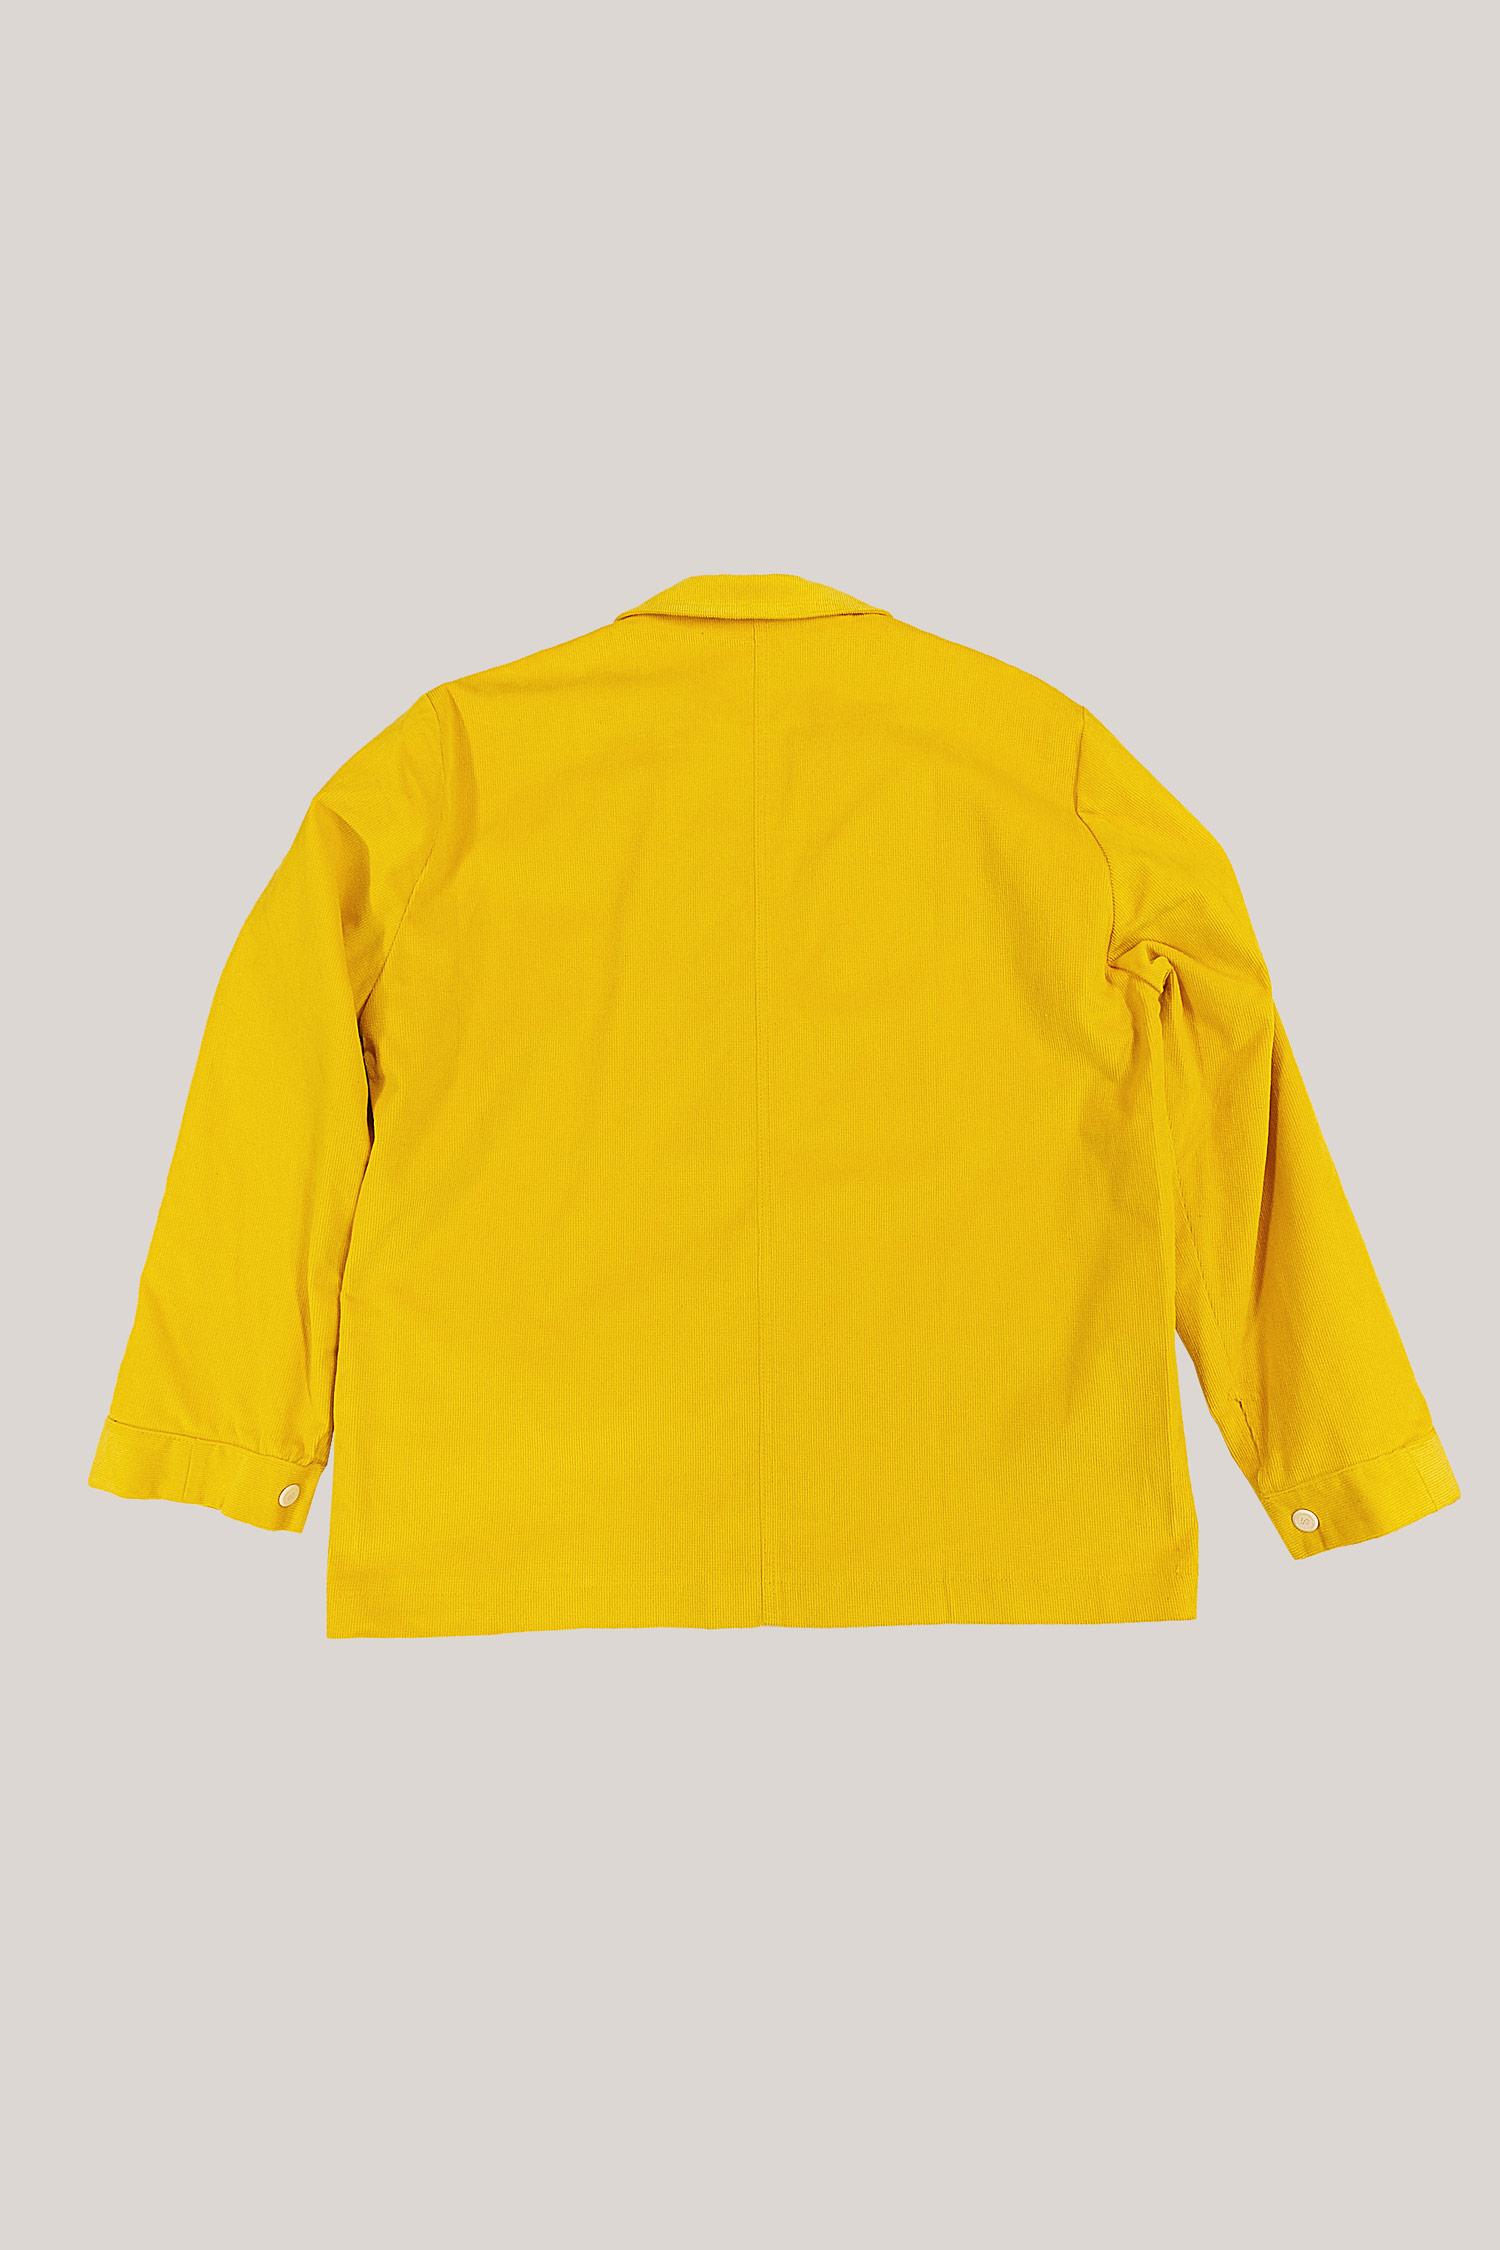 32-Yellow-Cord-Jacket-2